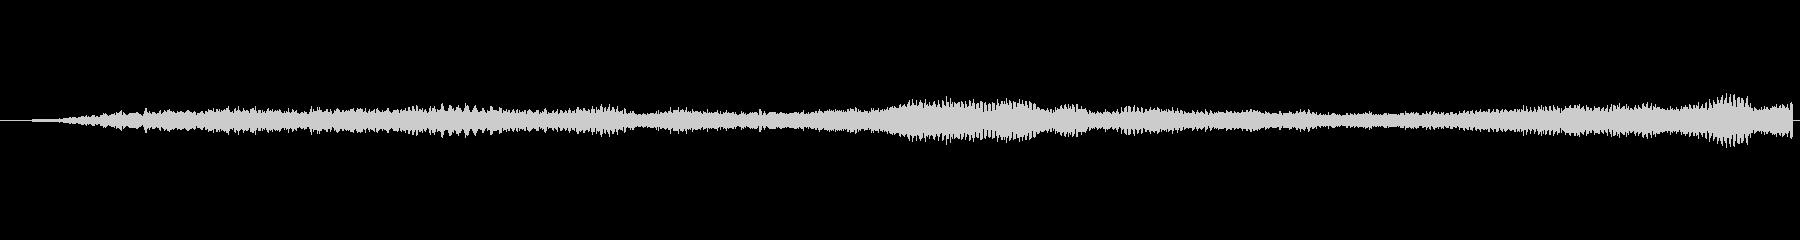 FI スペース 鳴る恐ろしい風02の未再生の波形